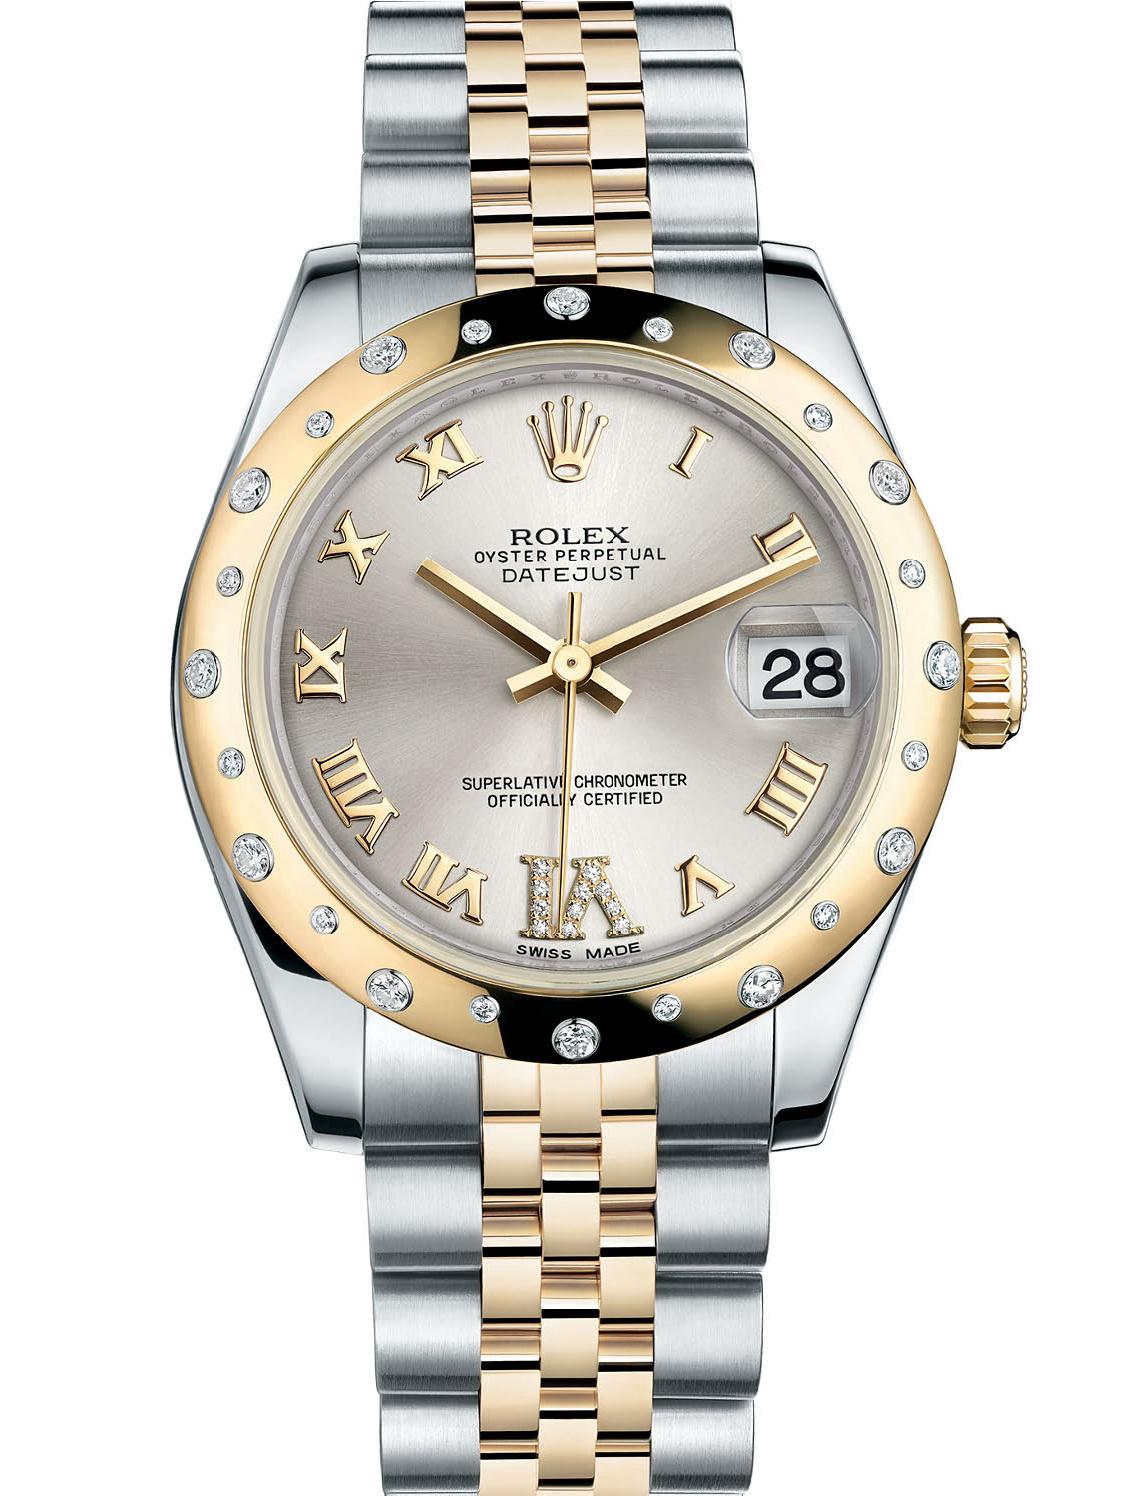 劳力士女装日志型31黄金钢银面罗马字镶钻女表M178343-0012